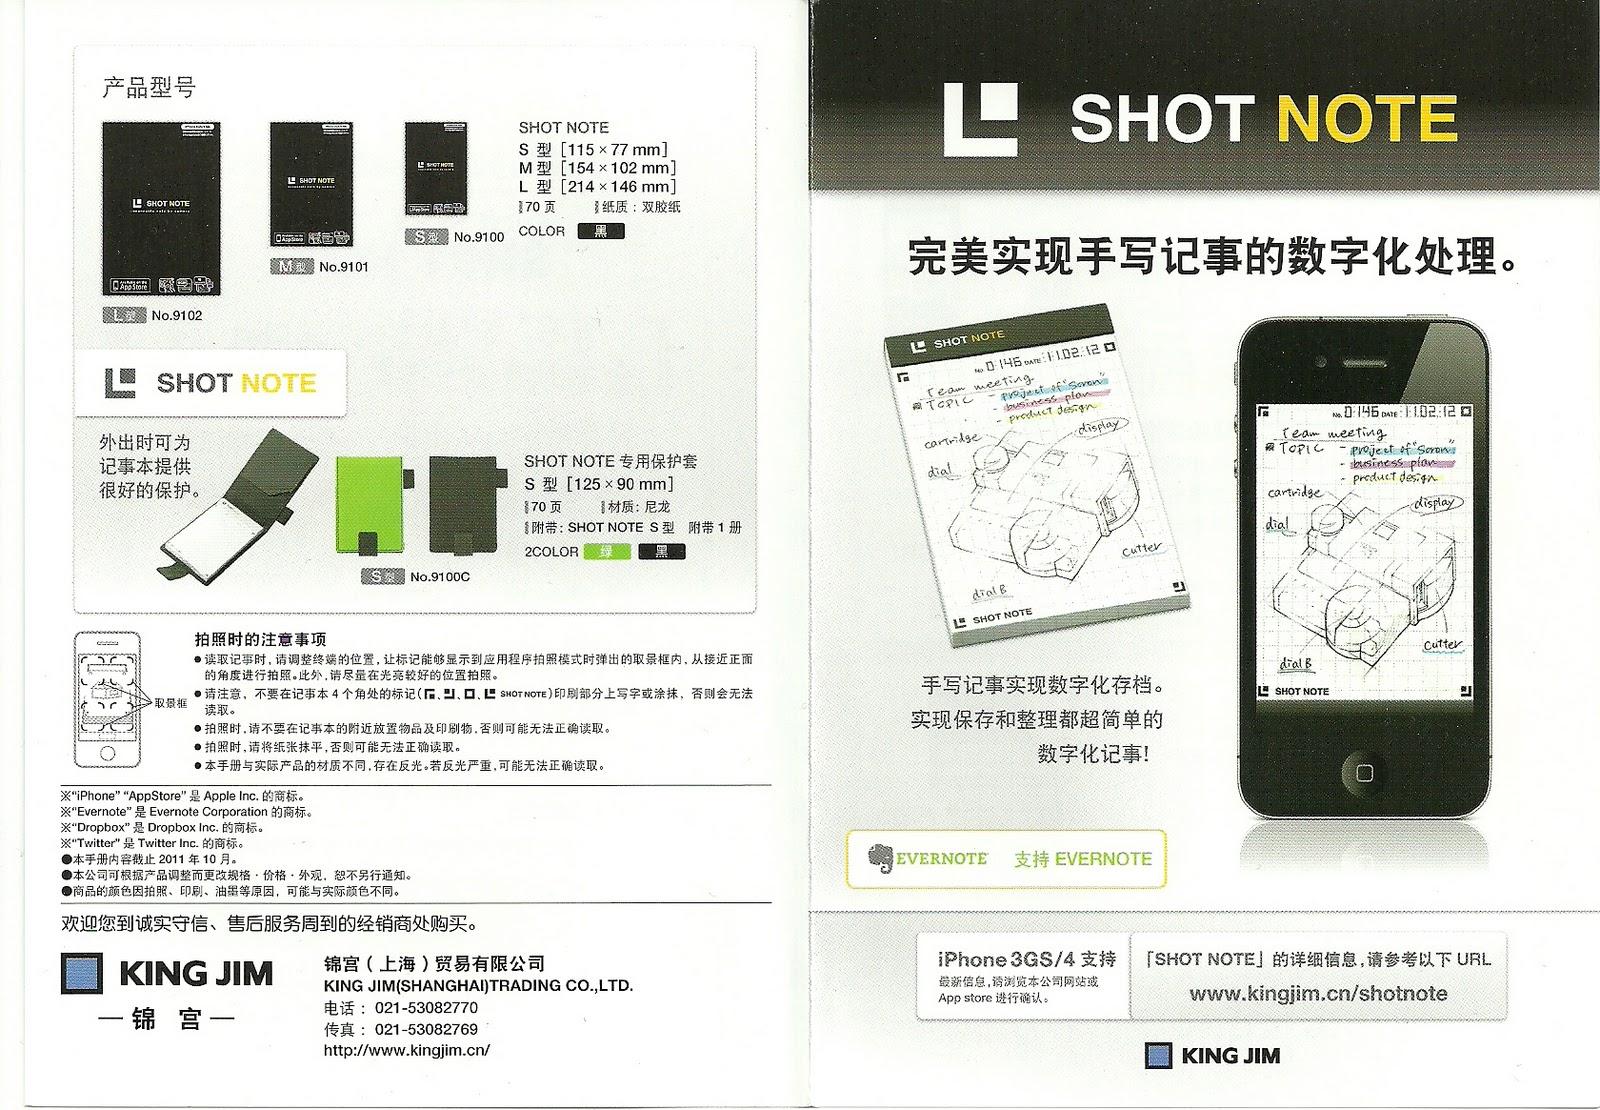 「對了。去上海吧!」Yes。Go Shanghai!: SHOT NOTE scannable note by camera:可搭配智慧型手機App的記事本。保留手寫 ...